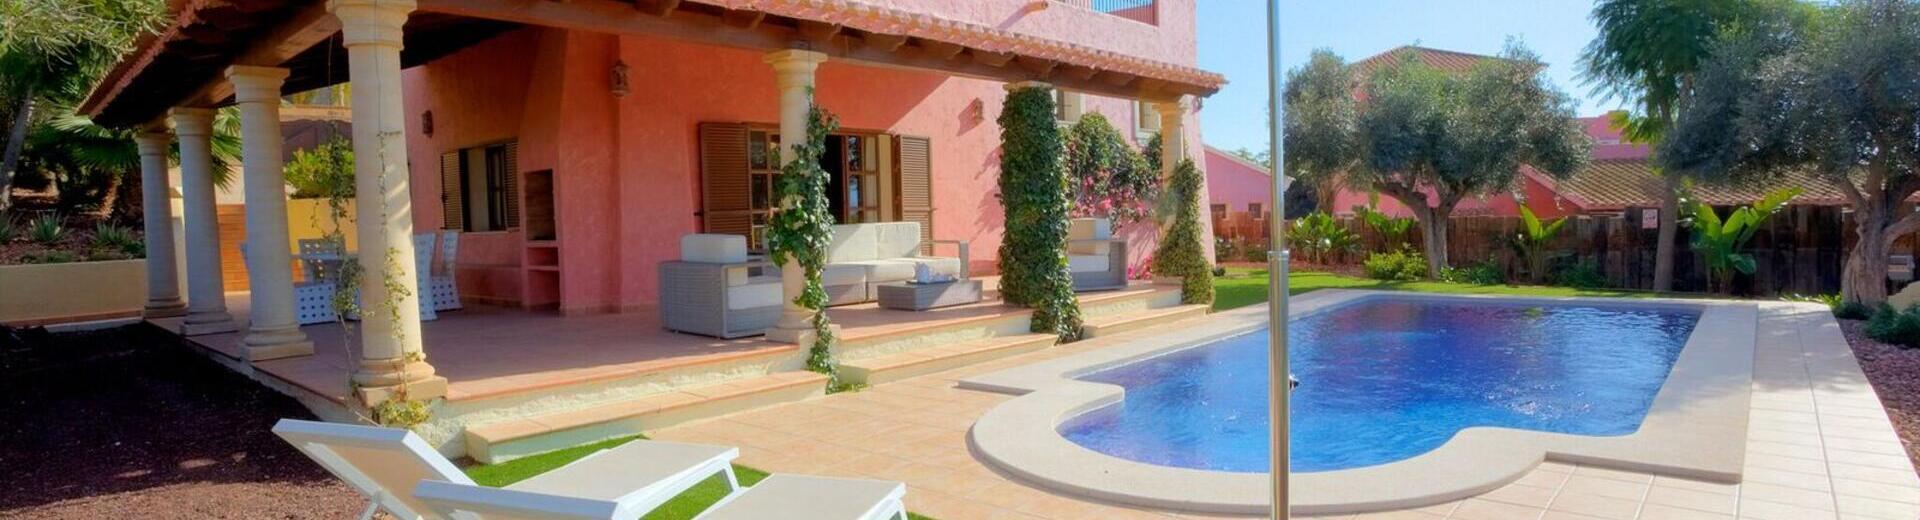 VIP7610: Villa for Sale